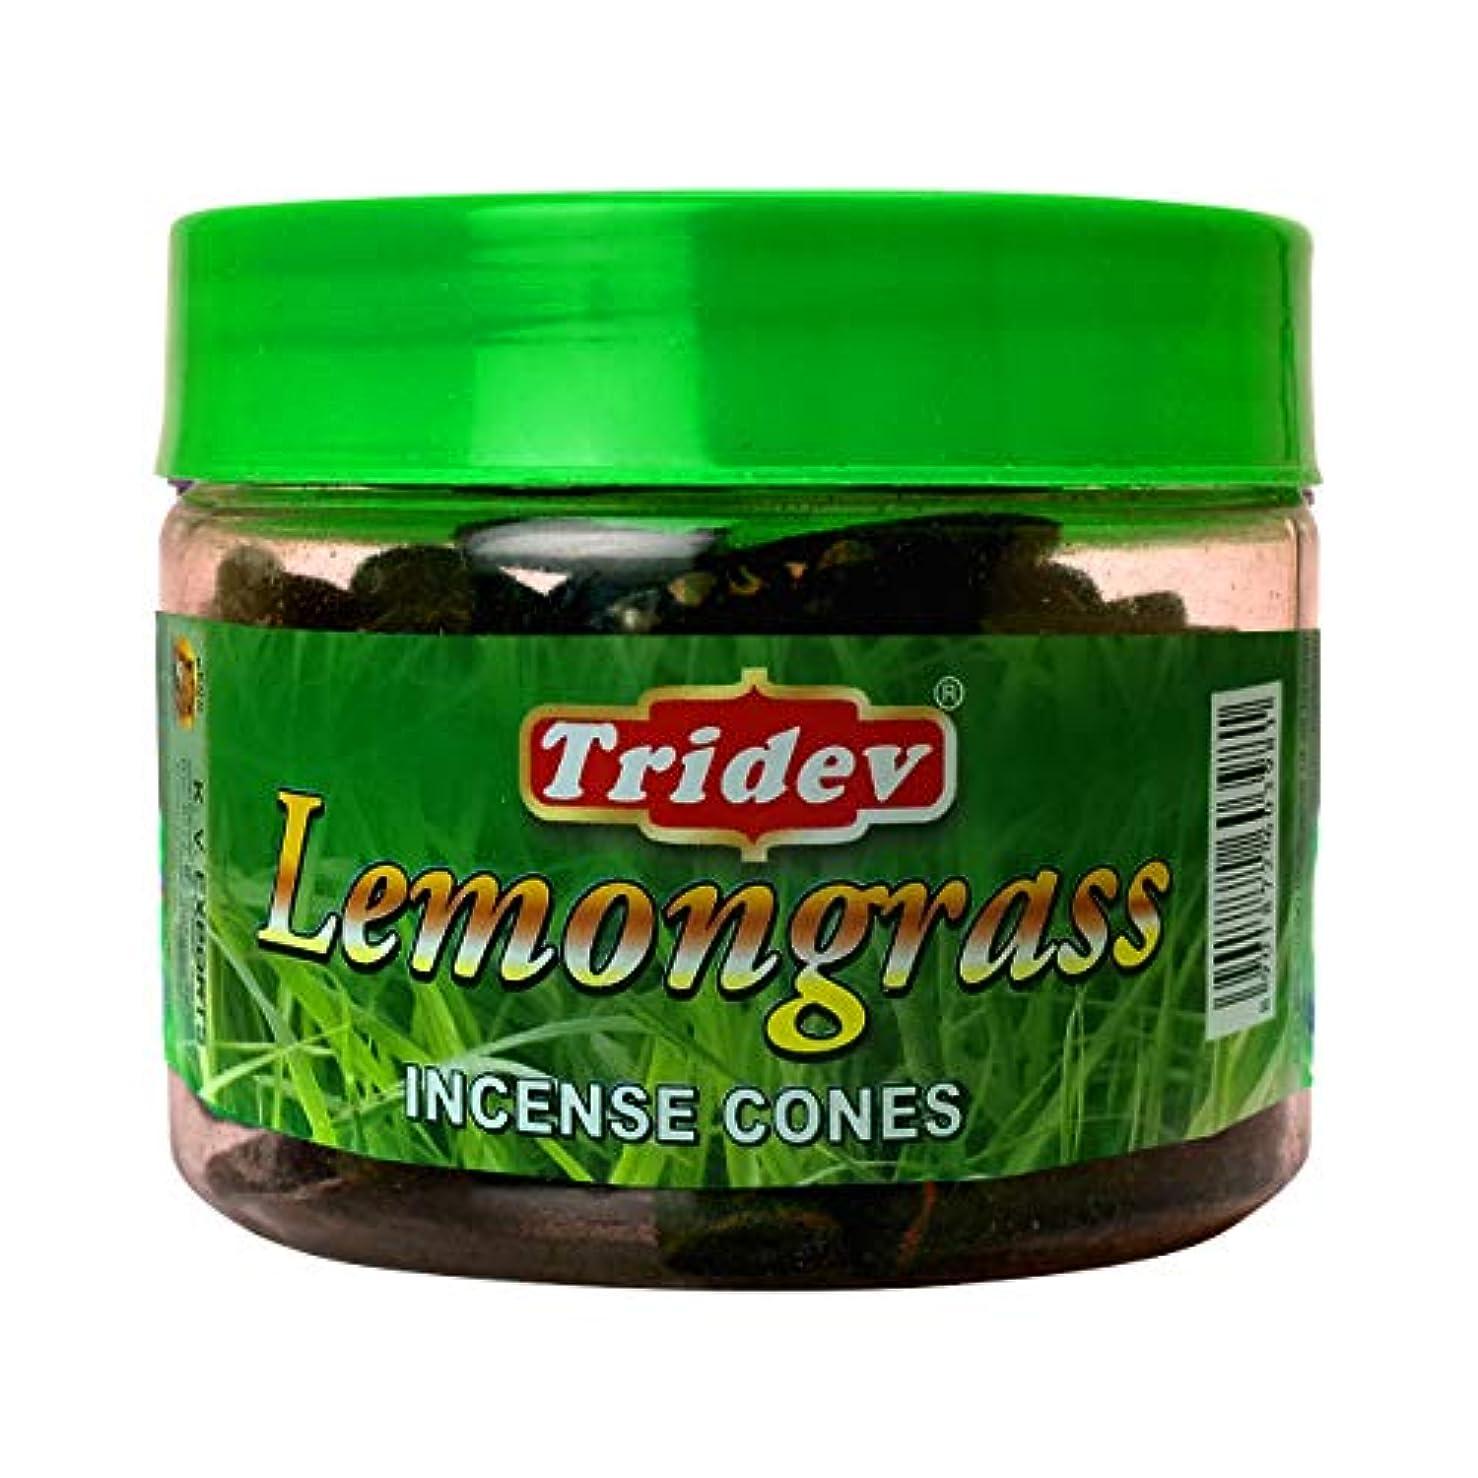 ムス収束怪しいTridev レモングラスフレグランス コーン型お香瓶 1080グラム ボックス入り 12個入り 輸出品質